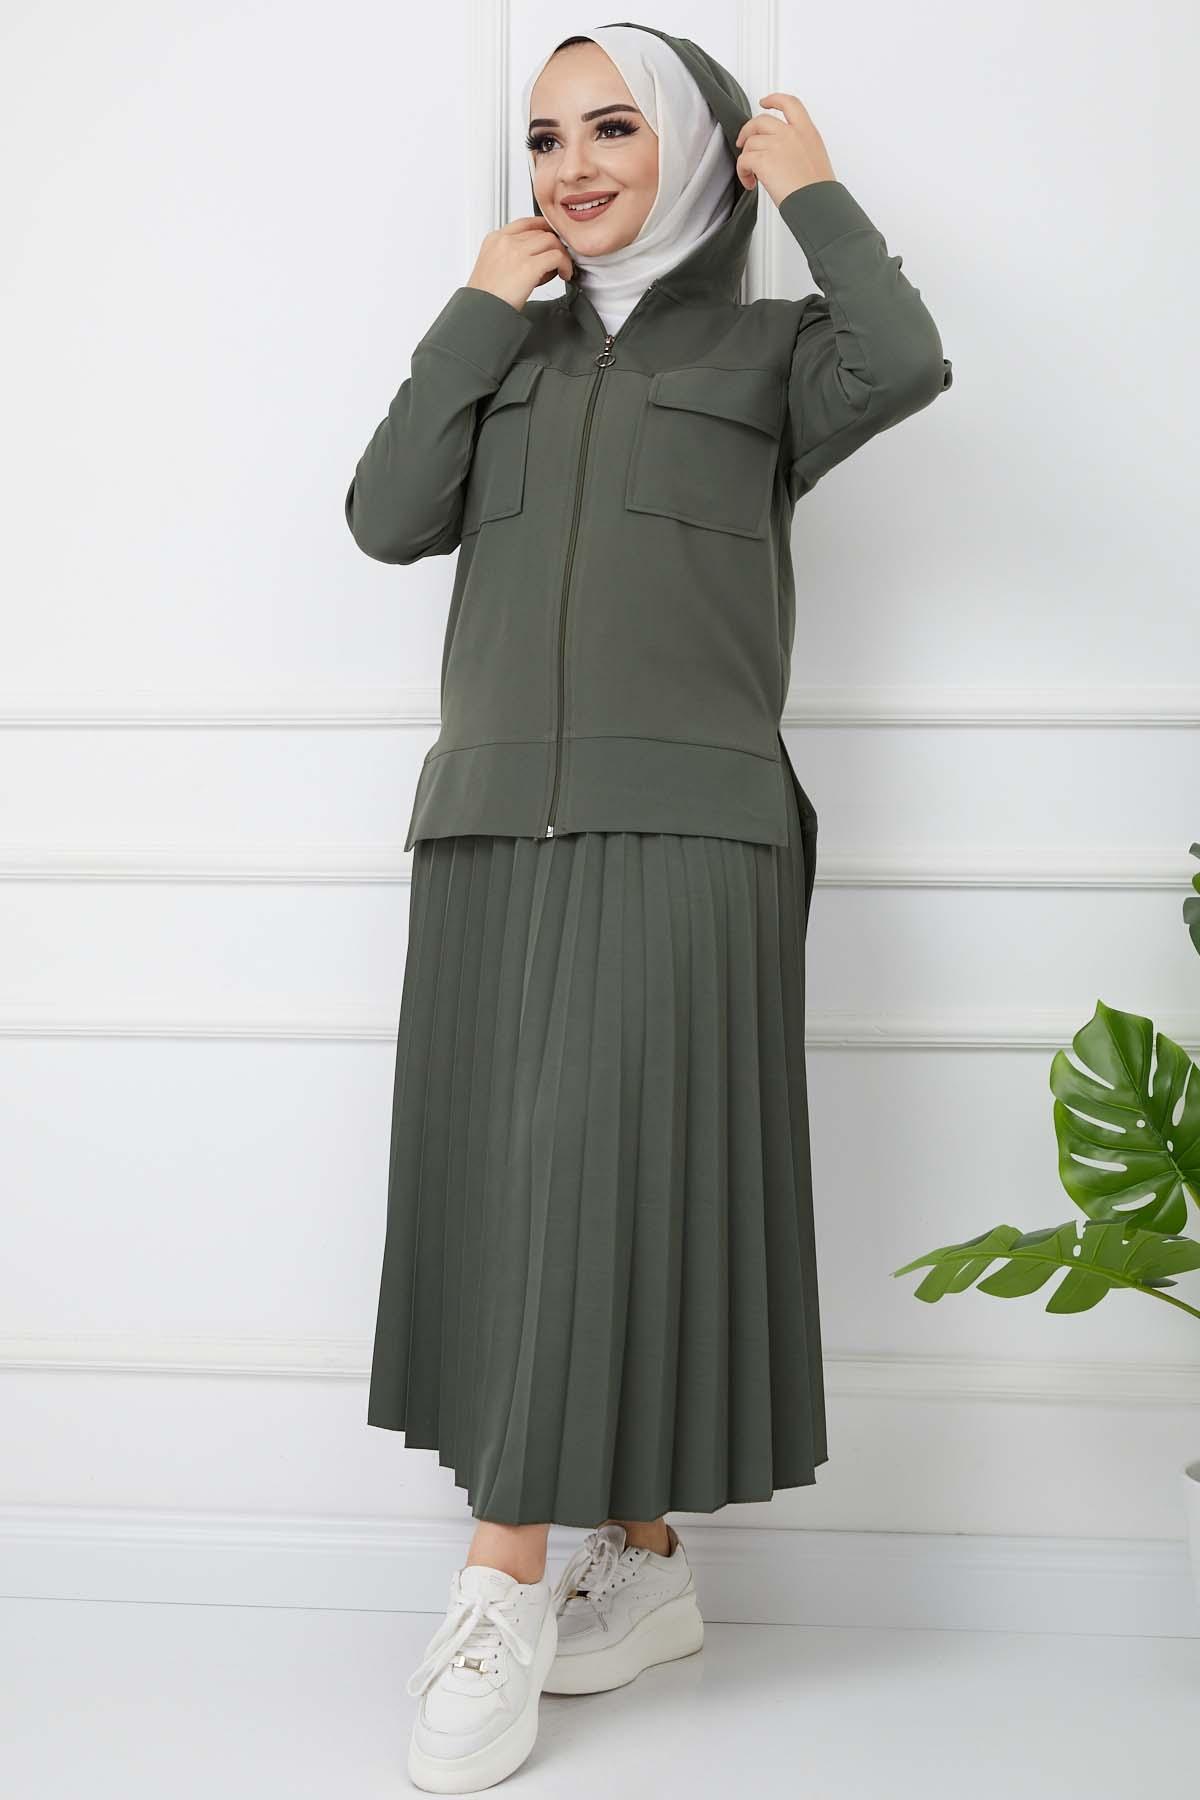 Soley İkili Takım 7022 - Haki Yeşili